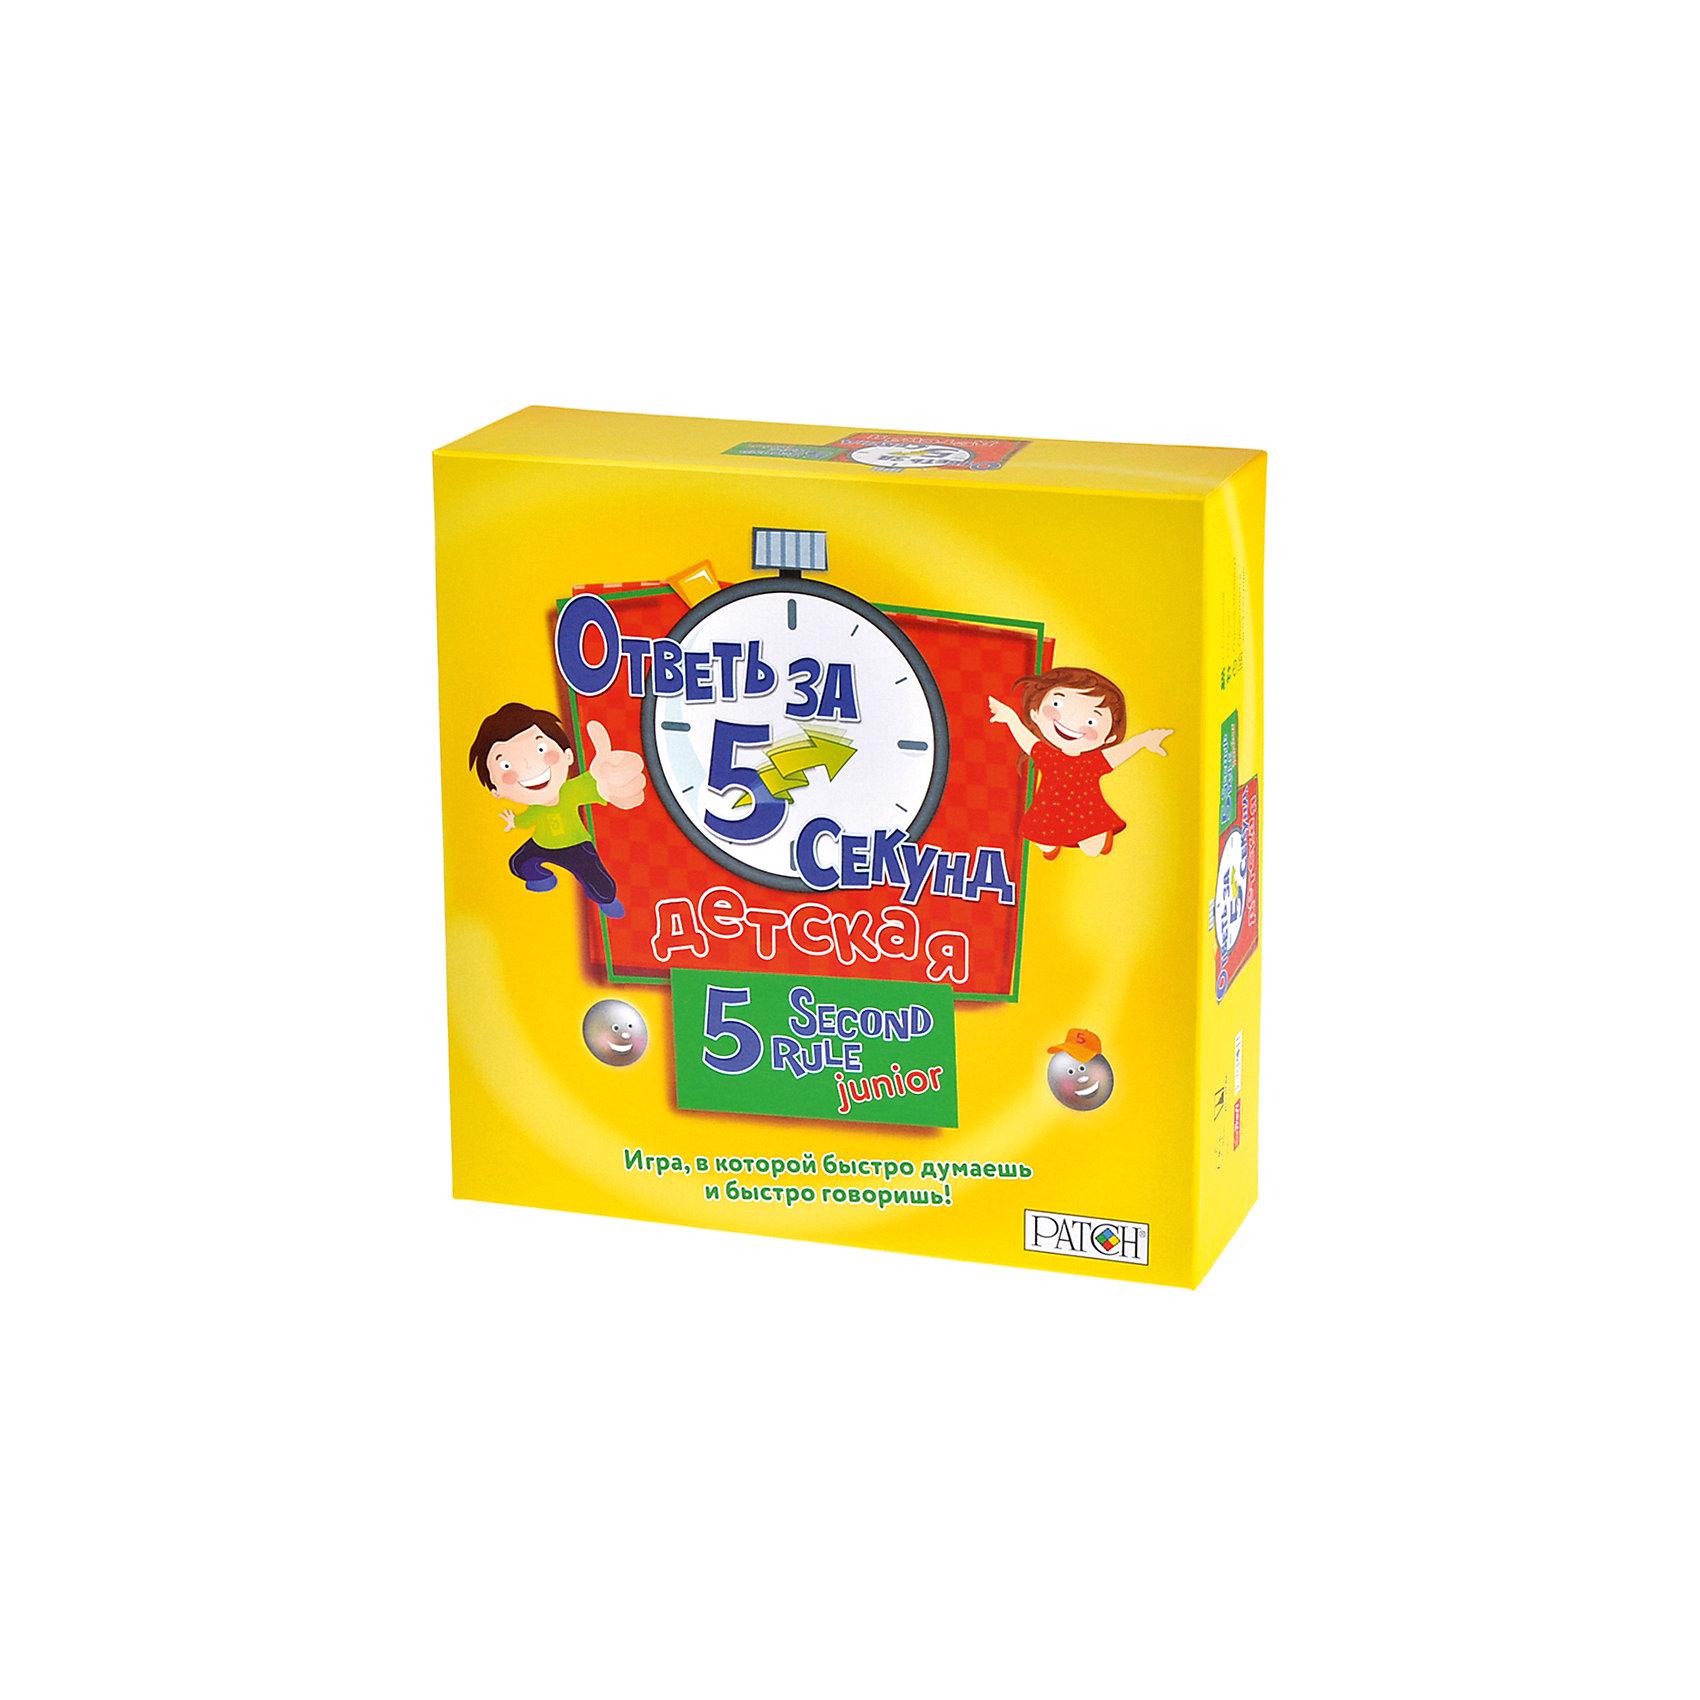 Настольная игра Ответь за 5 Секунд. Детская версия, МагелланНастольные игры<br>Характеристики товара:<br><br>• возраст от 6 лет<br>• материал: картон, пластик<br>• в комплекте 354 карты с вопросами, 18 карт «Время», 18 карт «Замена», игровое поле, 6 фишек, коробочка, часы, правила игры<br>• количество игроков: 3-6. <br>• время игры: 20 мин.<br>• размер упаковки 26х26х8 см<br>• вес упаковки 1,075 кг.<br>• страна бренда: Россия<br>• страна производитель: Россия<br><br>Настольная игра «Ответь за 5 секунд. Детская версия» Магеллан — занимательная игра, разработанная для детей. В наборе карточки с вопросами, на которые нужно ответить всего за 5 секунд. В начале игры все игроки ставят фишки на игровое поле. Задача -  прийти на финиш первым, отвечая по пути на хитрые вопросы: назовите 2 детских книги, 3 молочных продукта или 2 цветка. Дети во время игры тренируют смекалку, сообразительность, внимательность.<br><br>Настольную игру «Ответь за 5 секунд. Детская версия» Магеллан можно приобрести в нашем интернет-магазине.<br><br>Ширина мм: 260<br>Глубина мм: 260<br>Высота мм: 80<br>Вес г: 1075<br>Возраст от месяцев: 72<br>Возраст до месяцев: 2147483647<br>Пол: Унисекс<br>Возраст: Детский<br>SKU: 5543774